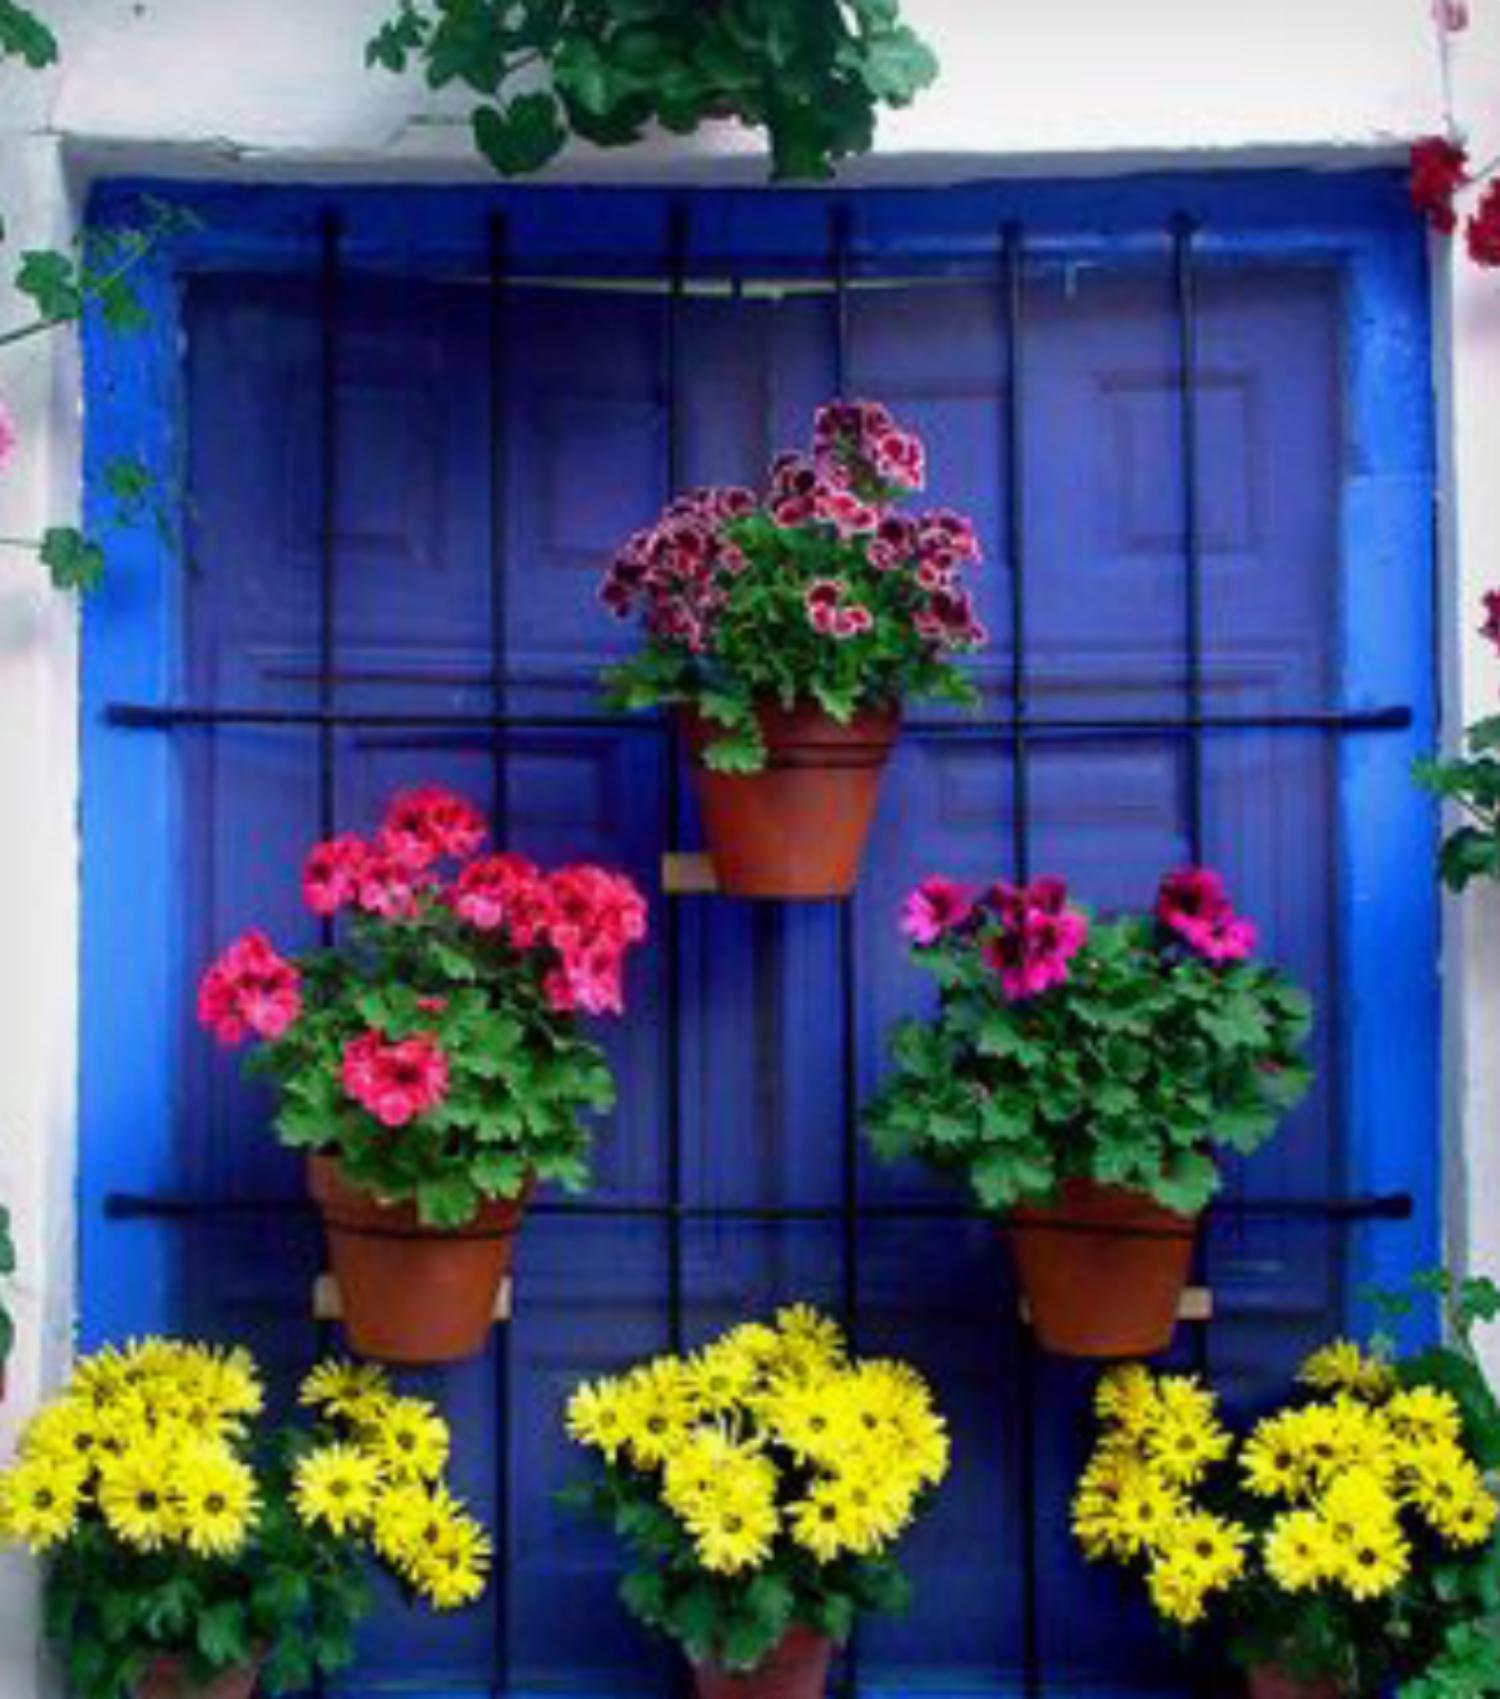 Resalta el encanto de tus ventanas usando plantas